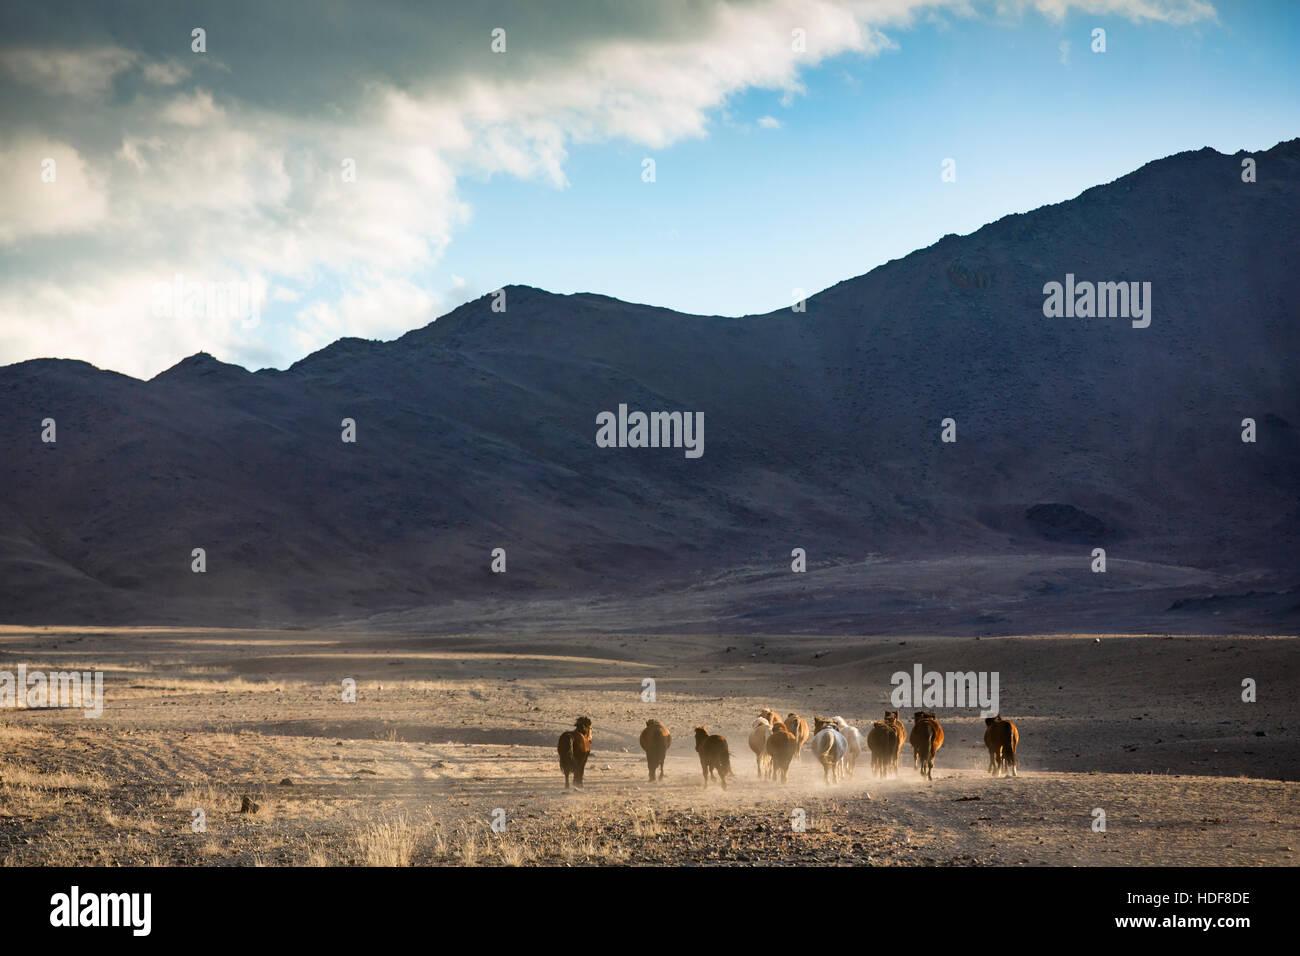 Les chevaux mongols sauvages s'exécutant dans une steppe Photo Stock